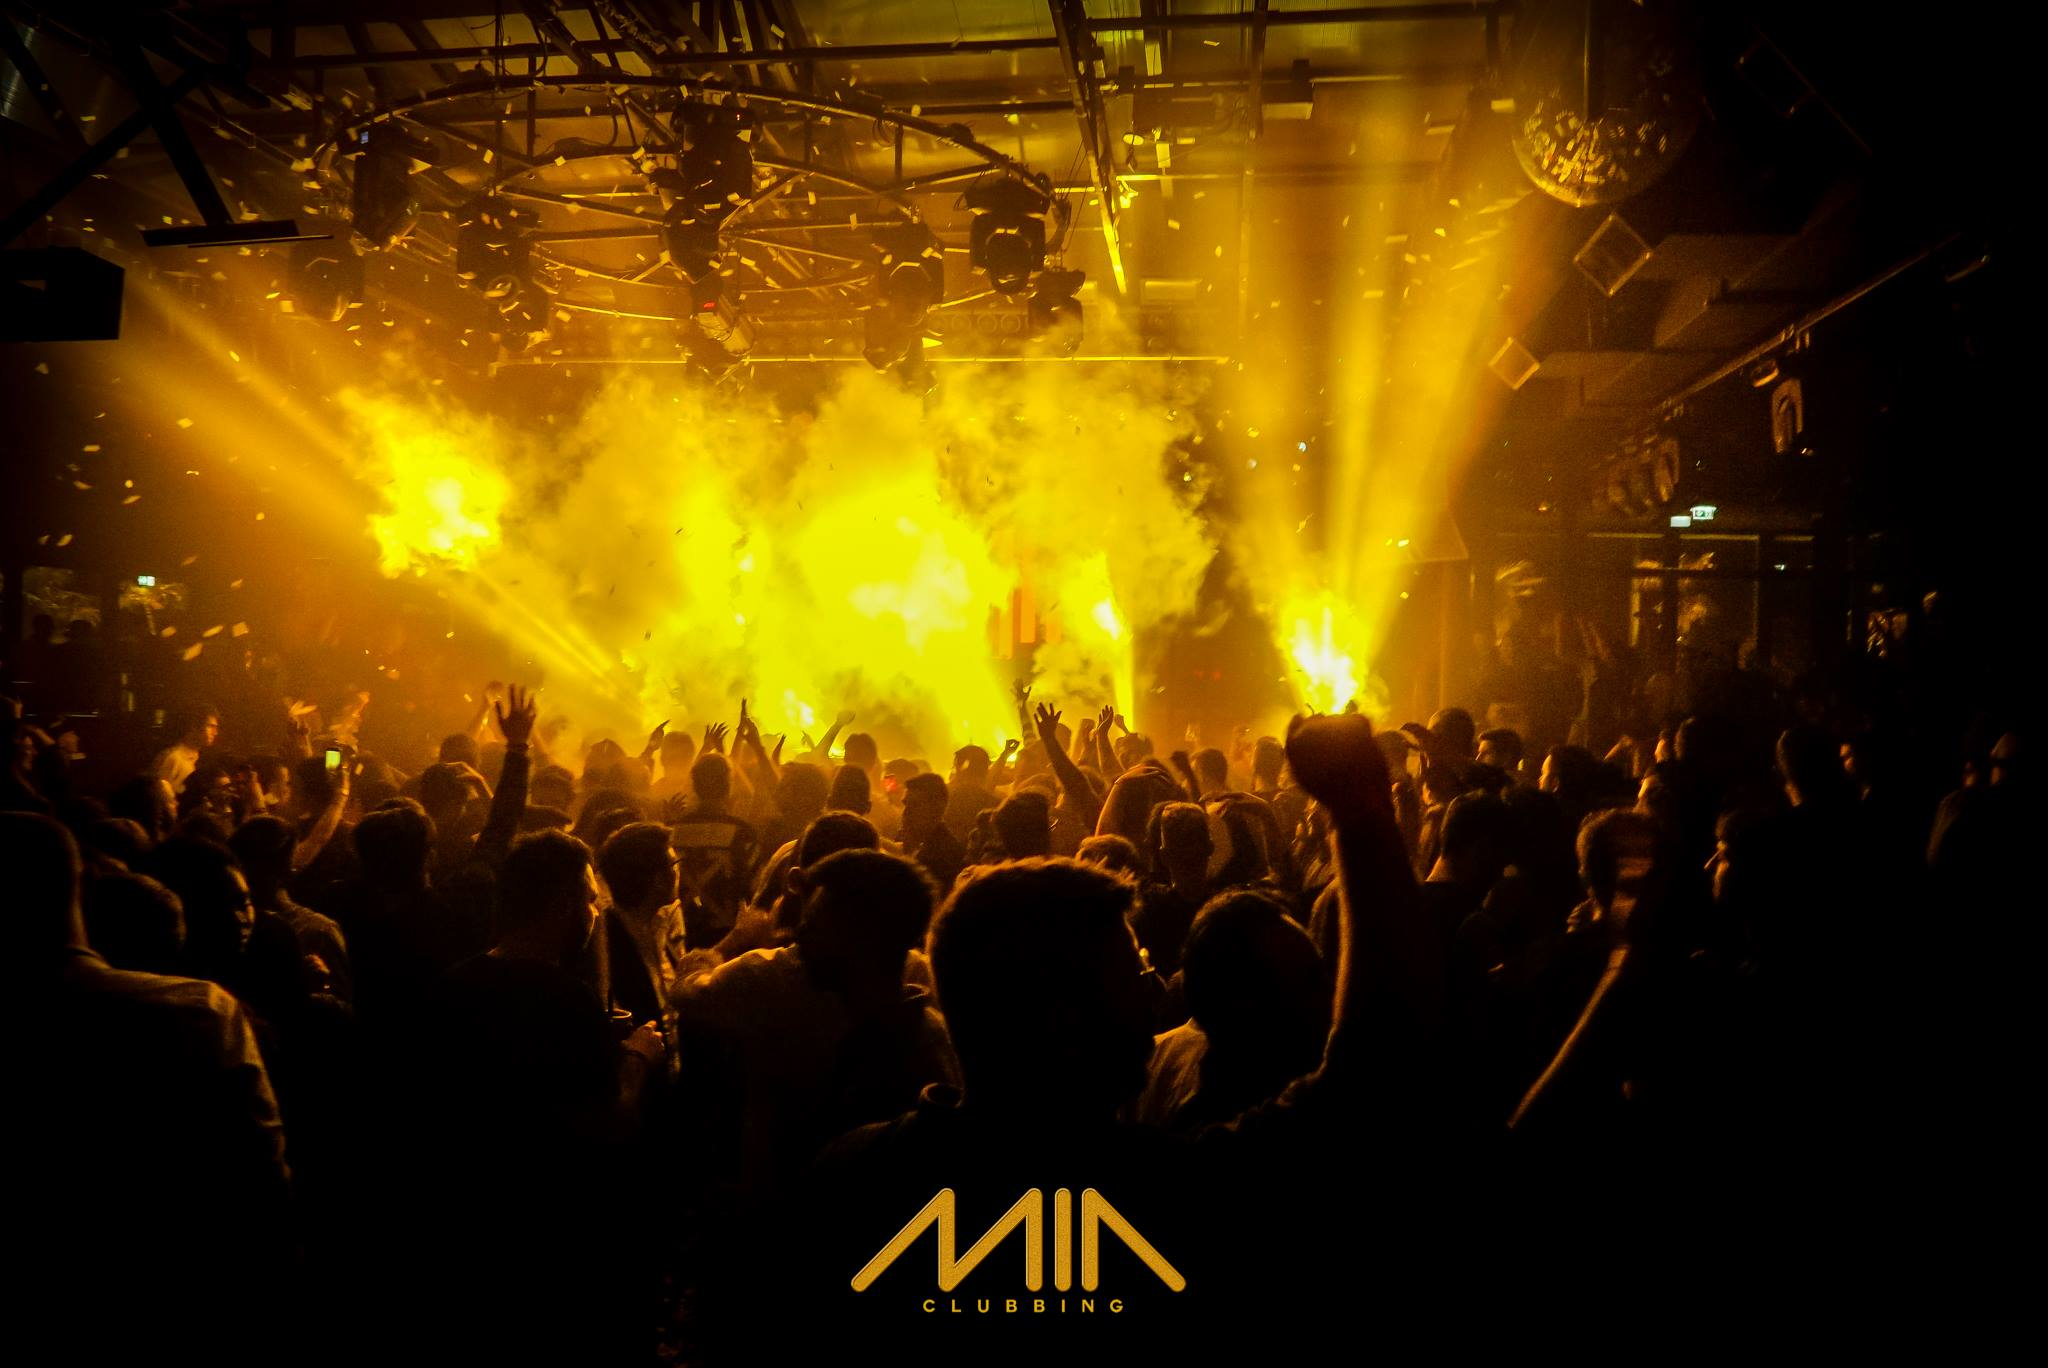 Altro formidabile evento al Mia Clubbing di Porto Recanati